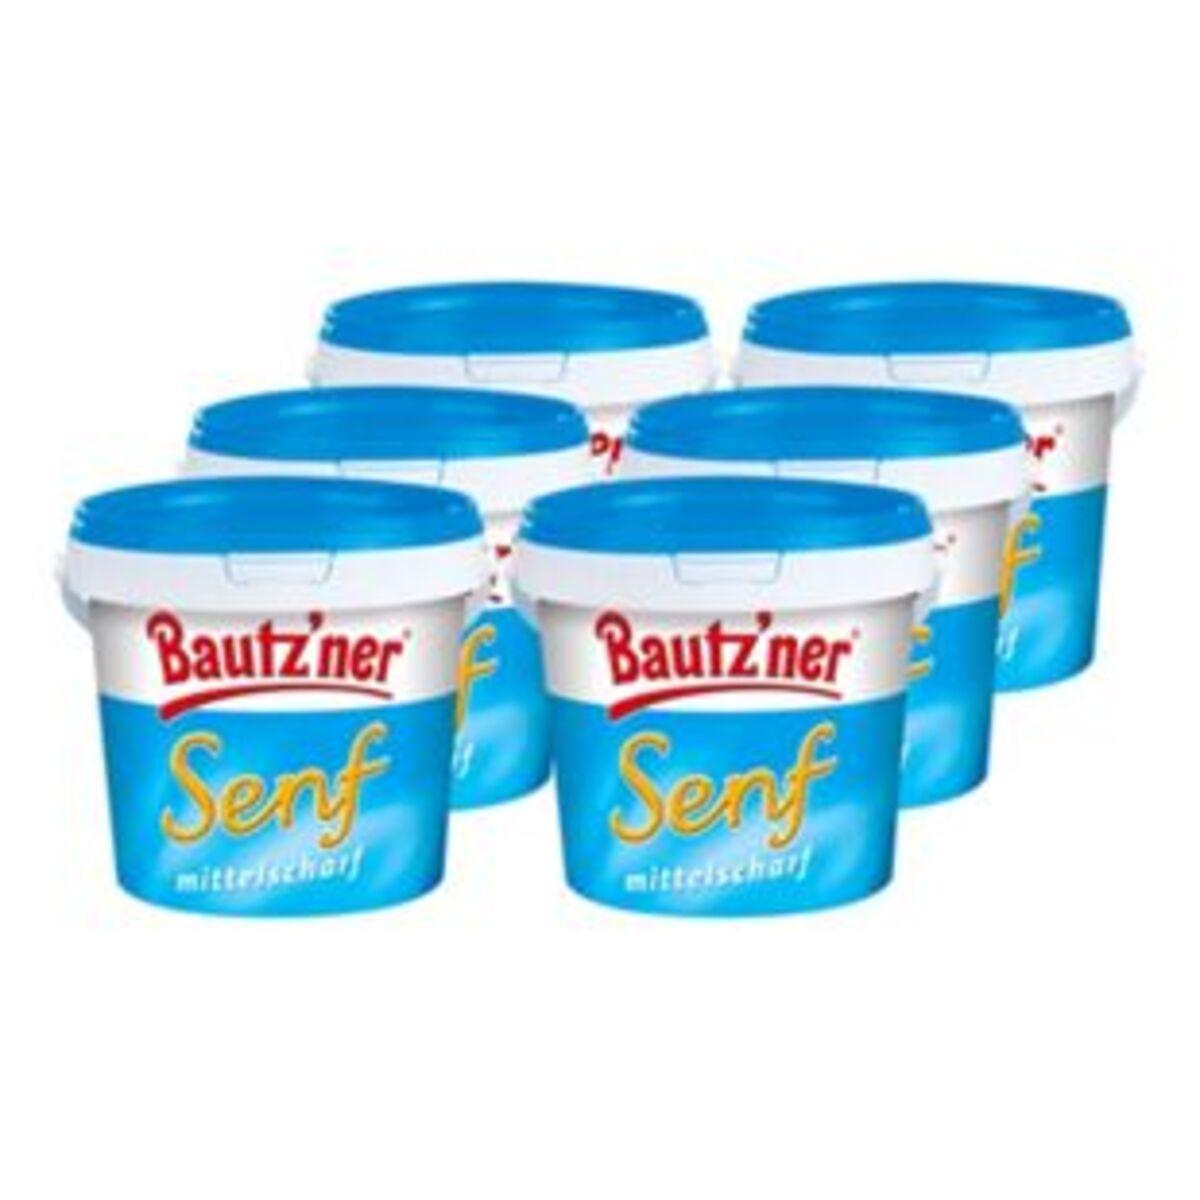 Bild 2 von Bautzner Senf mittelscharf 1 kg, 6er Pack